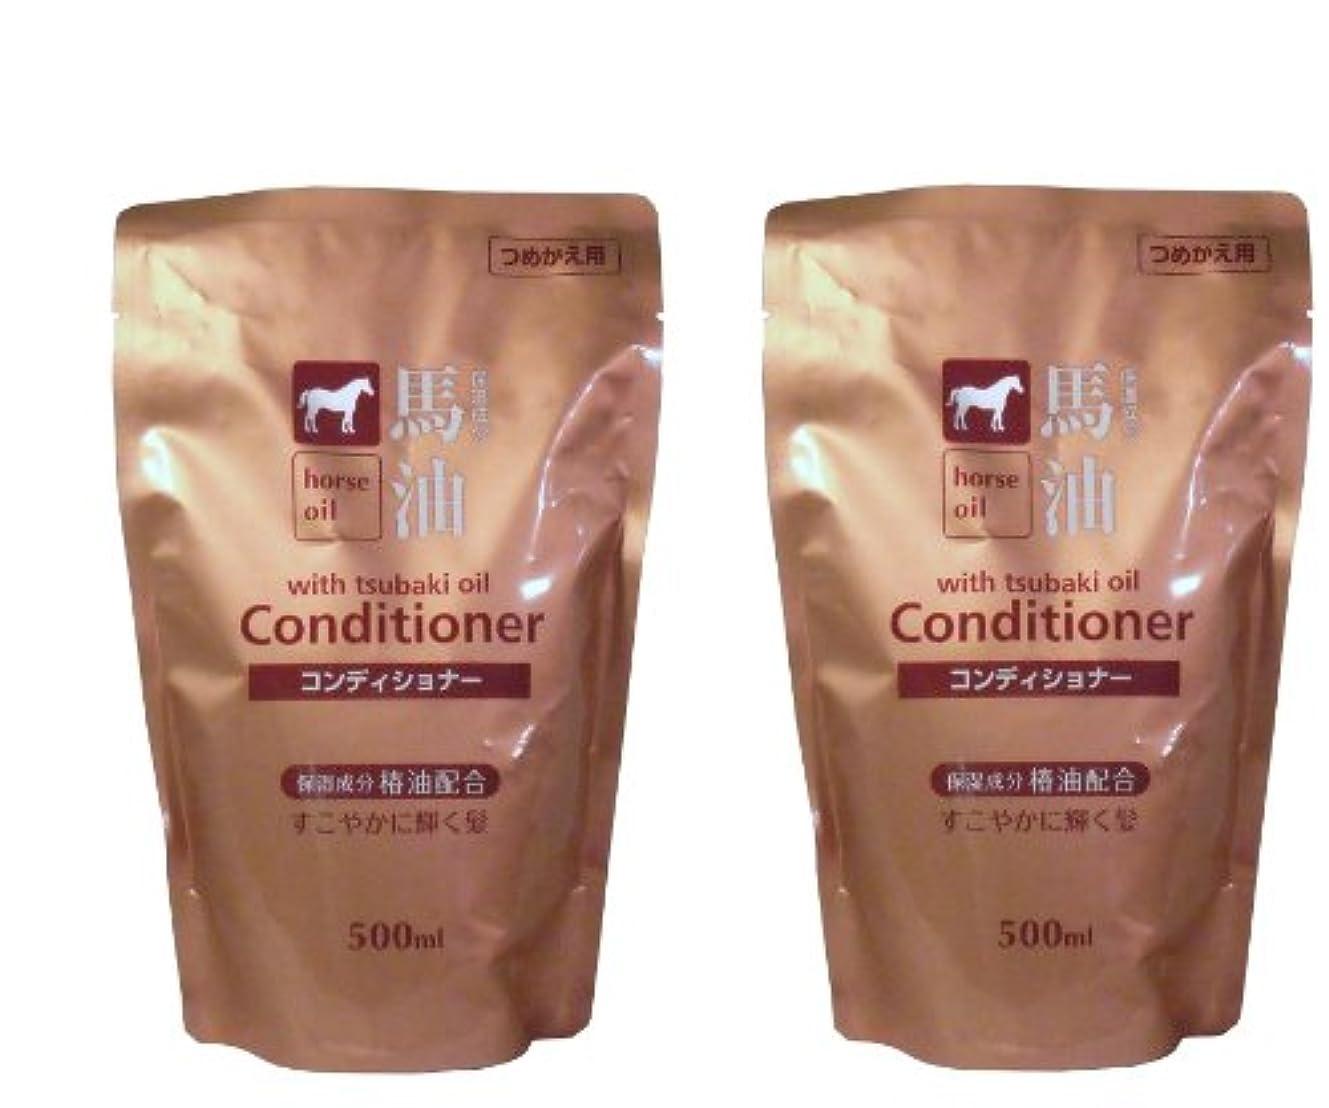 リーンその舌な馬油コンディショナー 椿油配合 詰替え用 2個セット(各500mL)  【日本製】